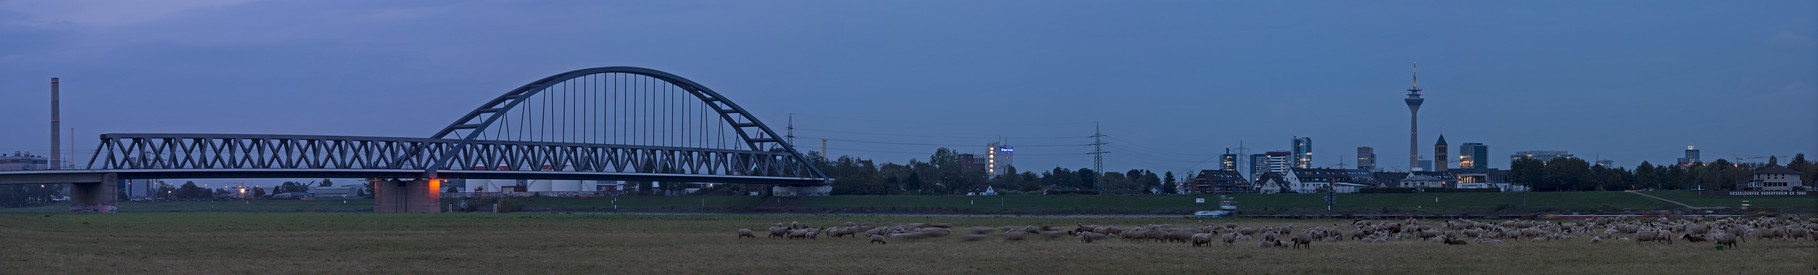 Tag 129_Panrama_Lausward bis Ruderverein 06.10.2014